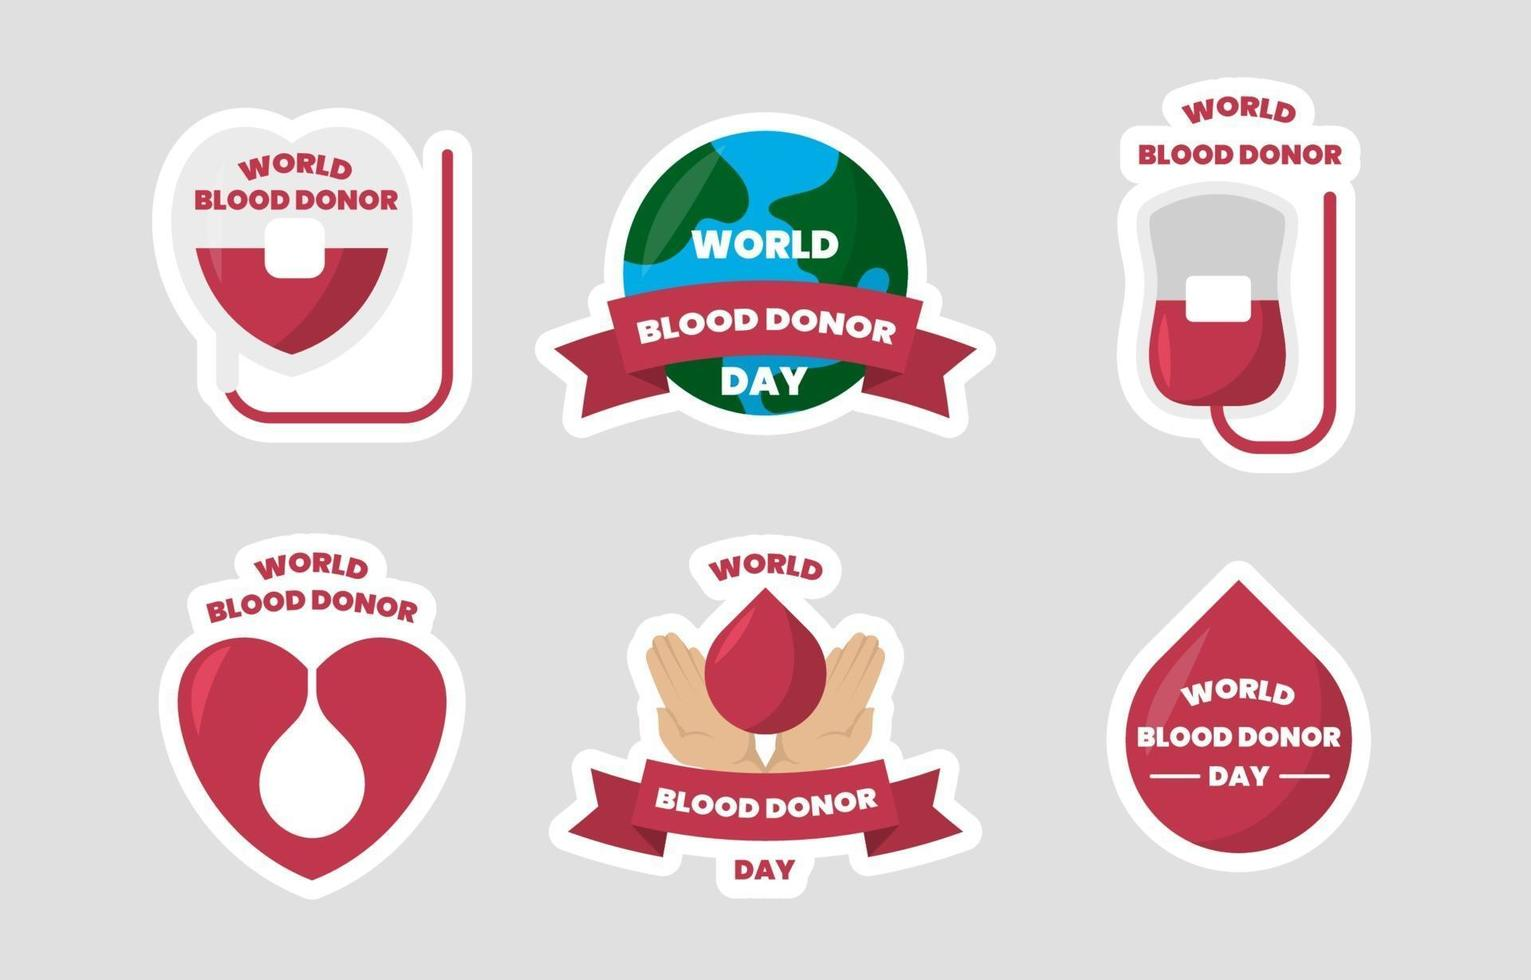 raccolta di adesivi per la giornata mondiale del donatore di sangue vettore